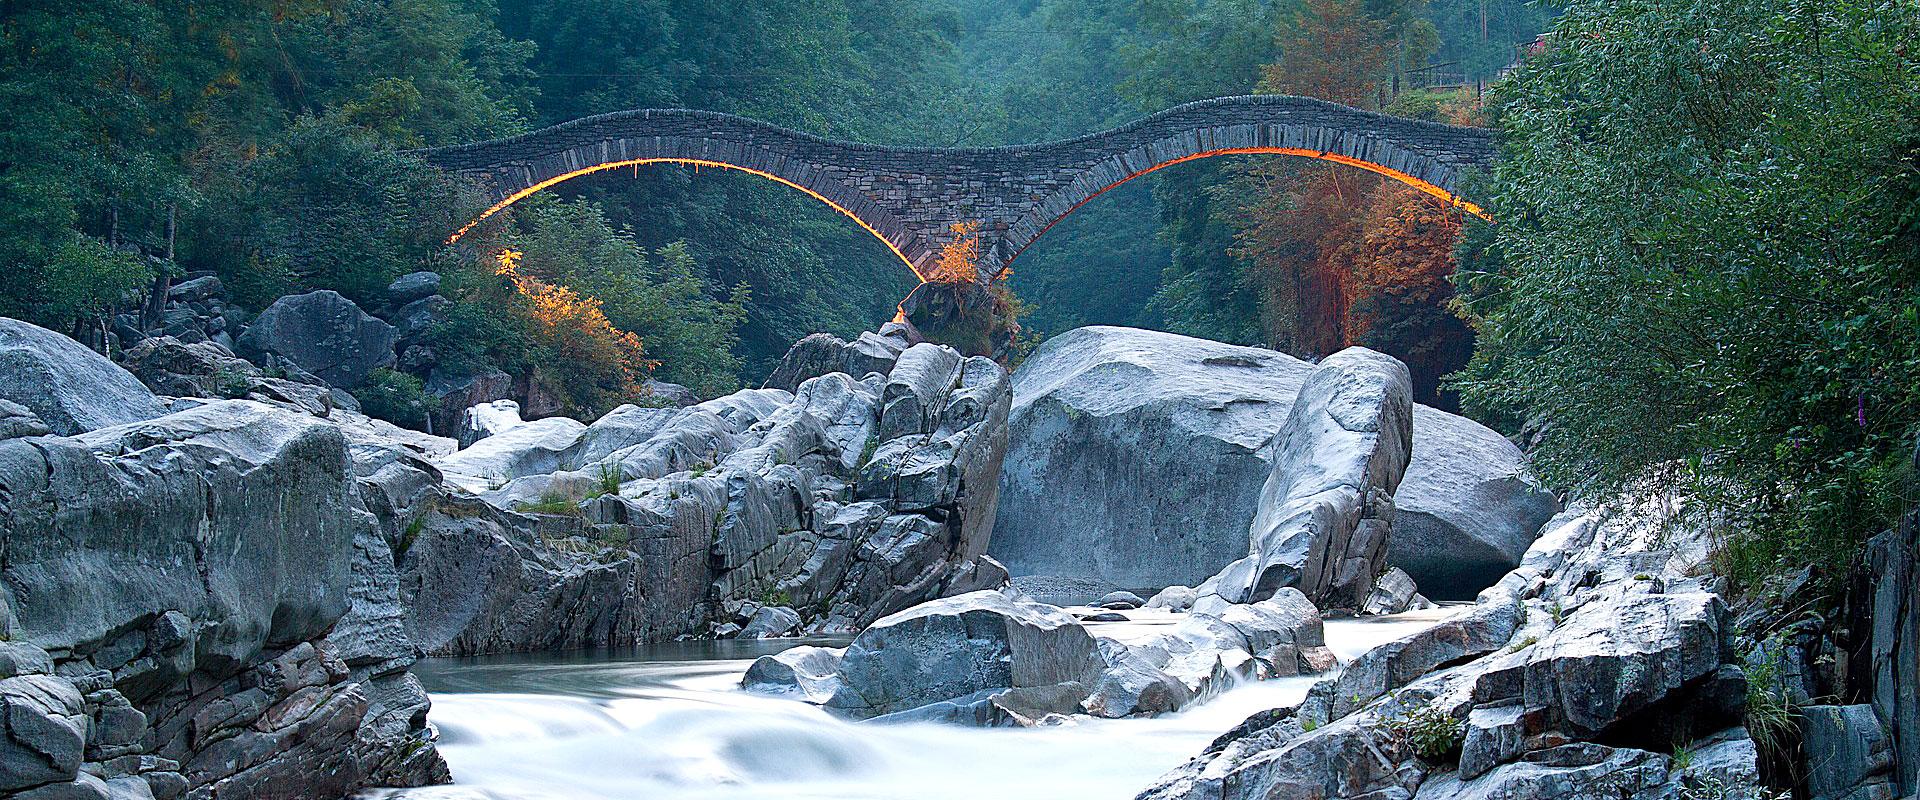 Die Ponte dei Salti ist eine Fussgängerbrücke über die Verzasca in Lavertezzo im Schweizer Kanton Tessin.